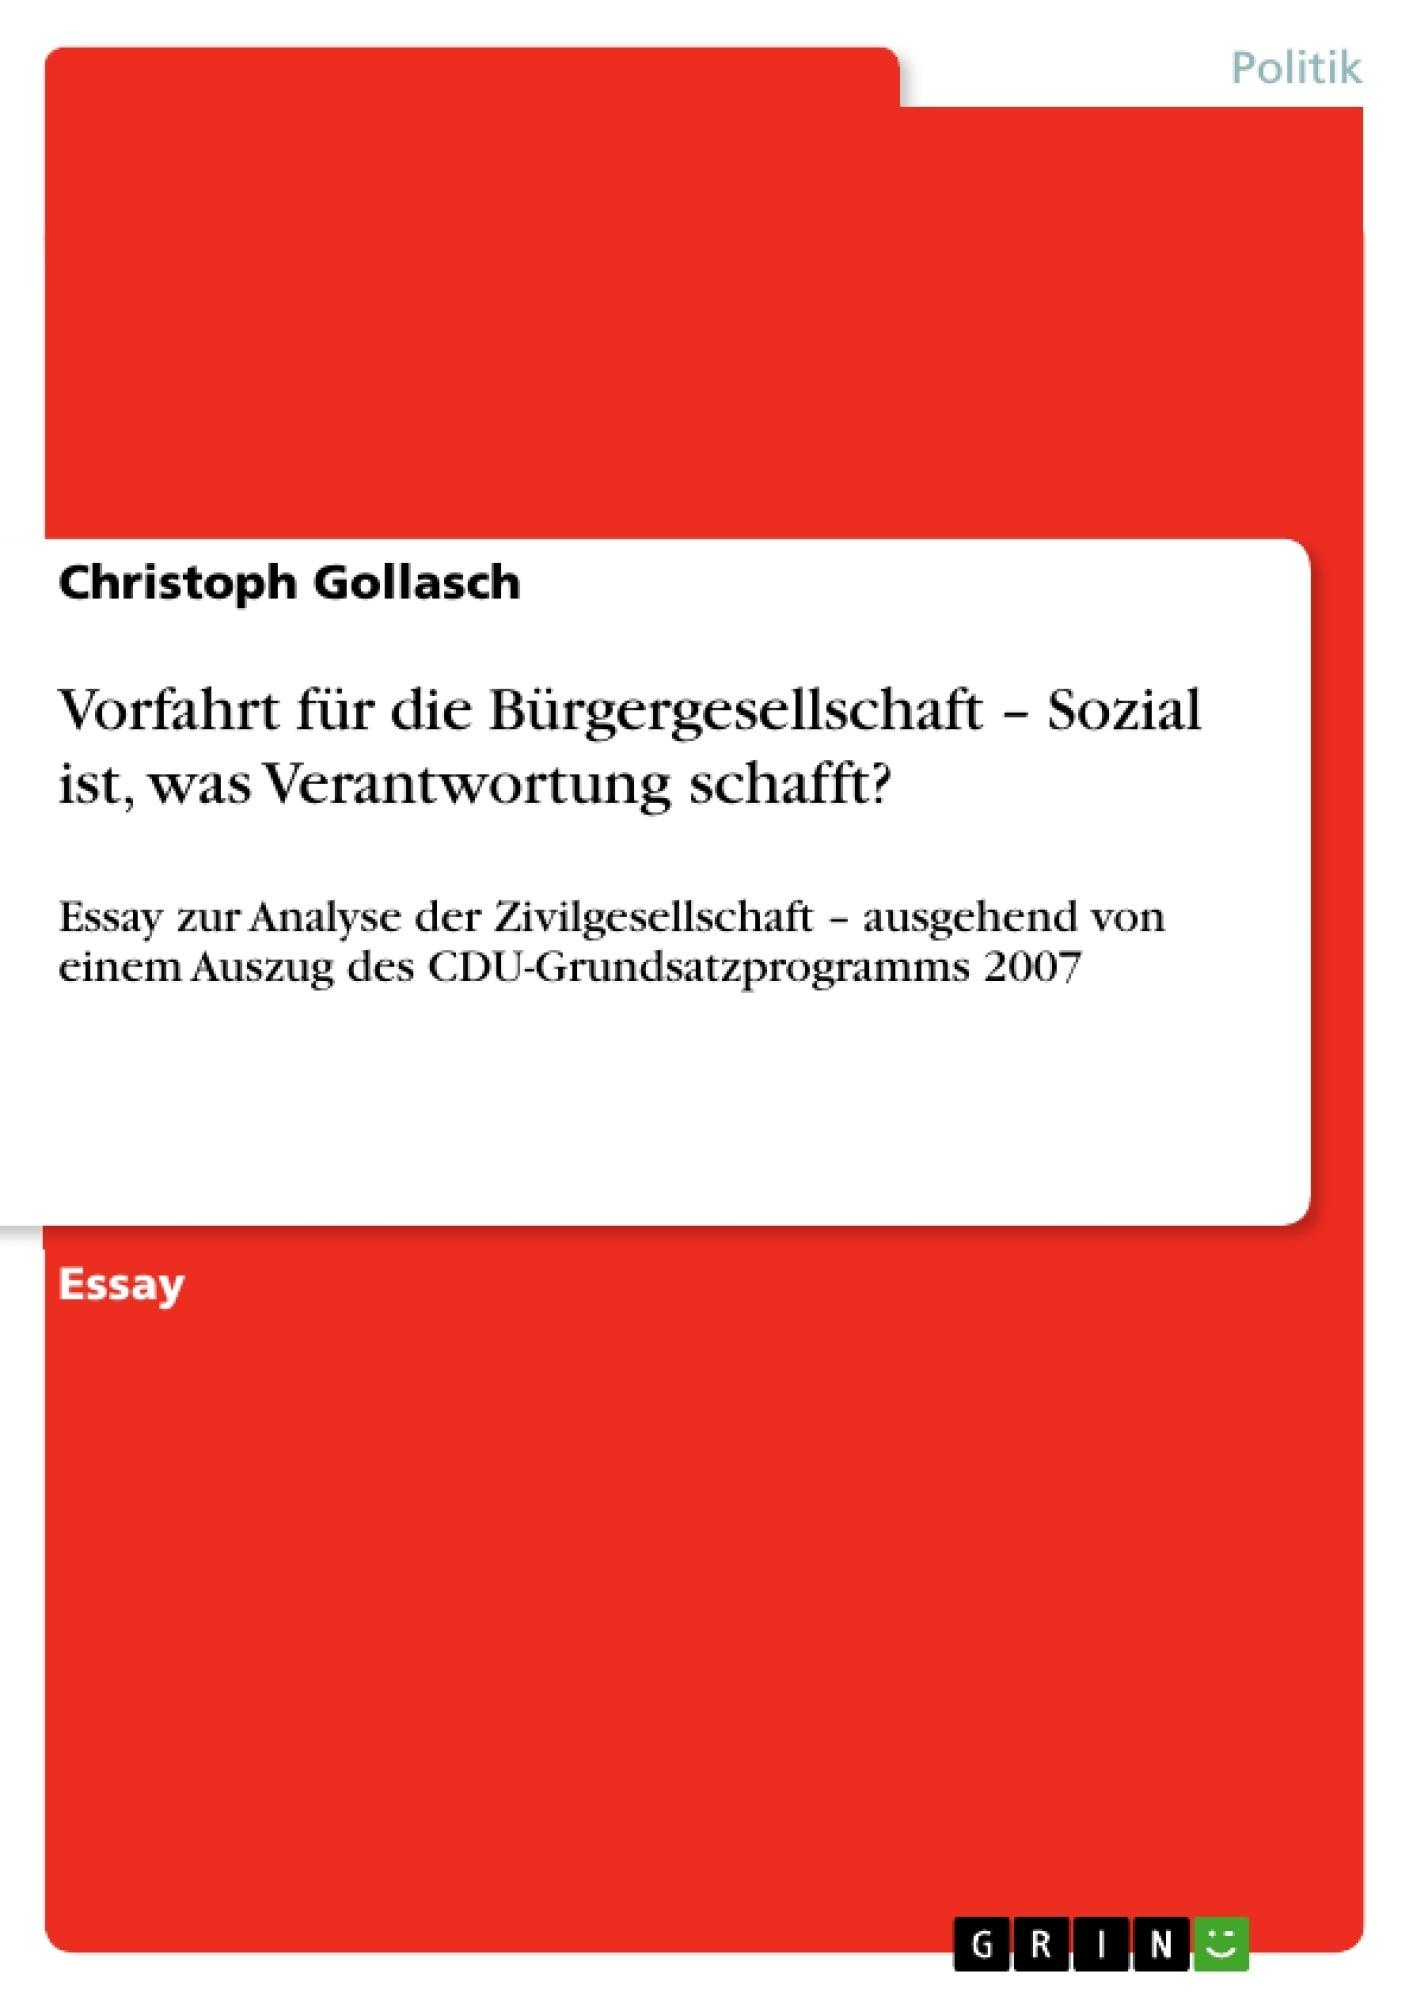 Titel: Vorfahrt für die Bürgergesellschaft – Sozial ist, was Verantwortung schafft?